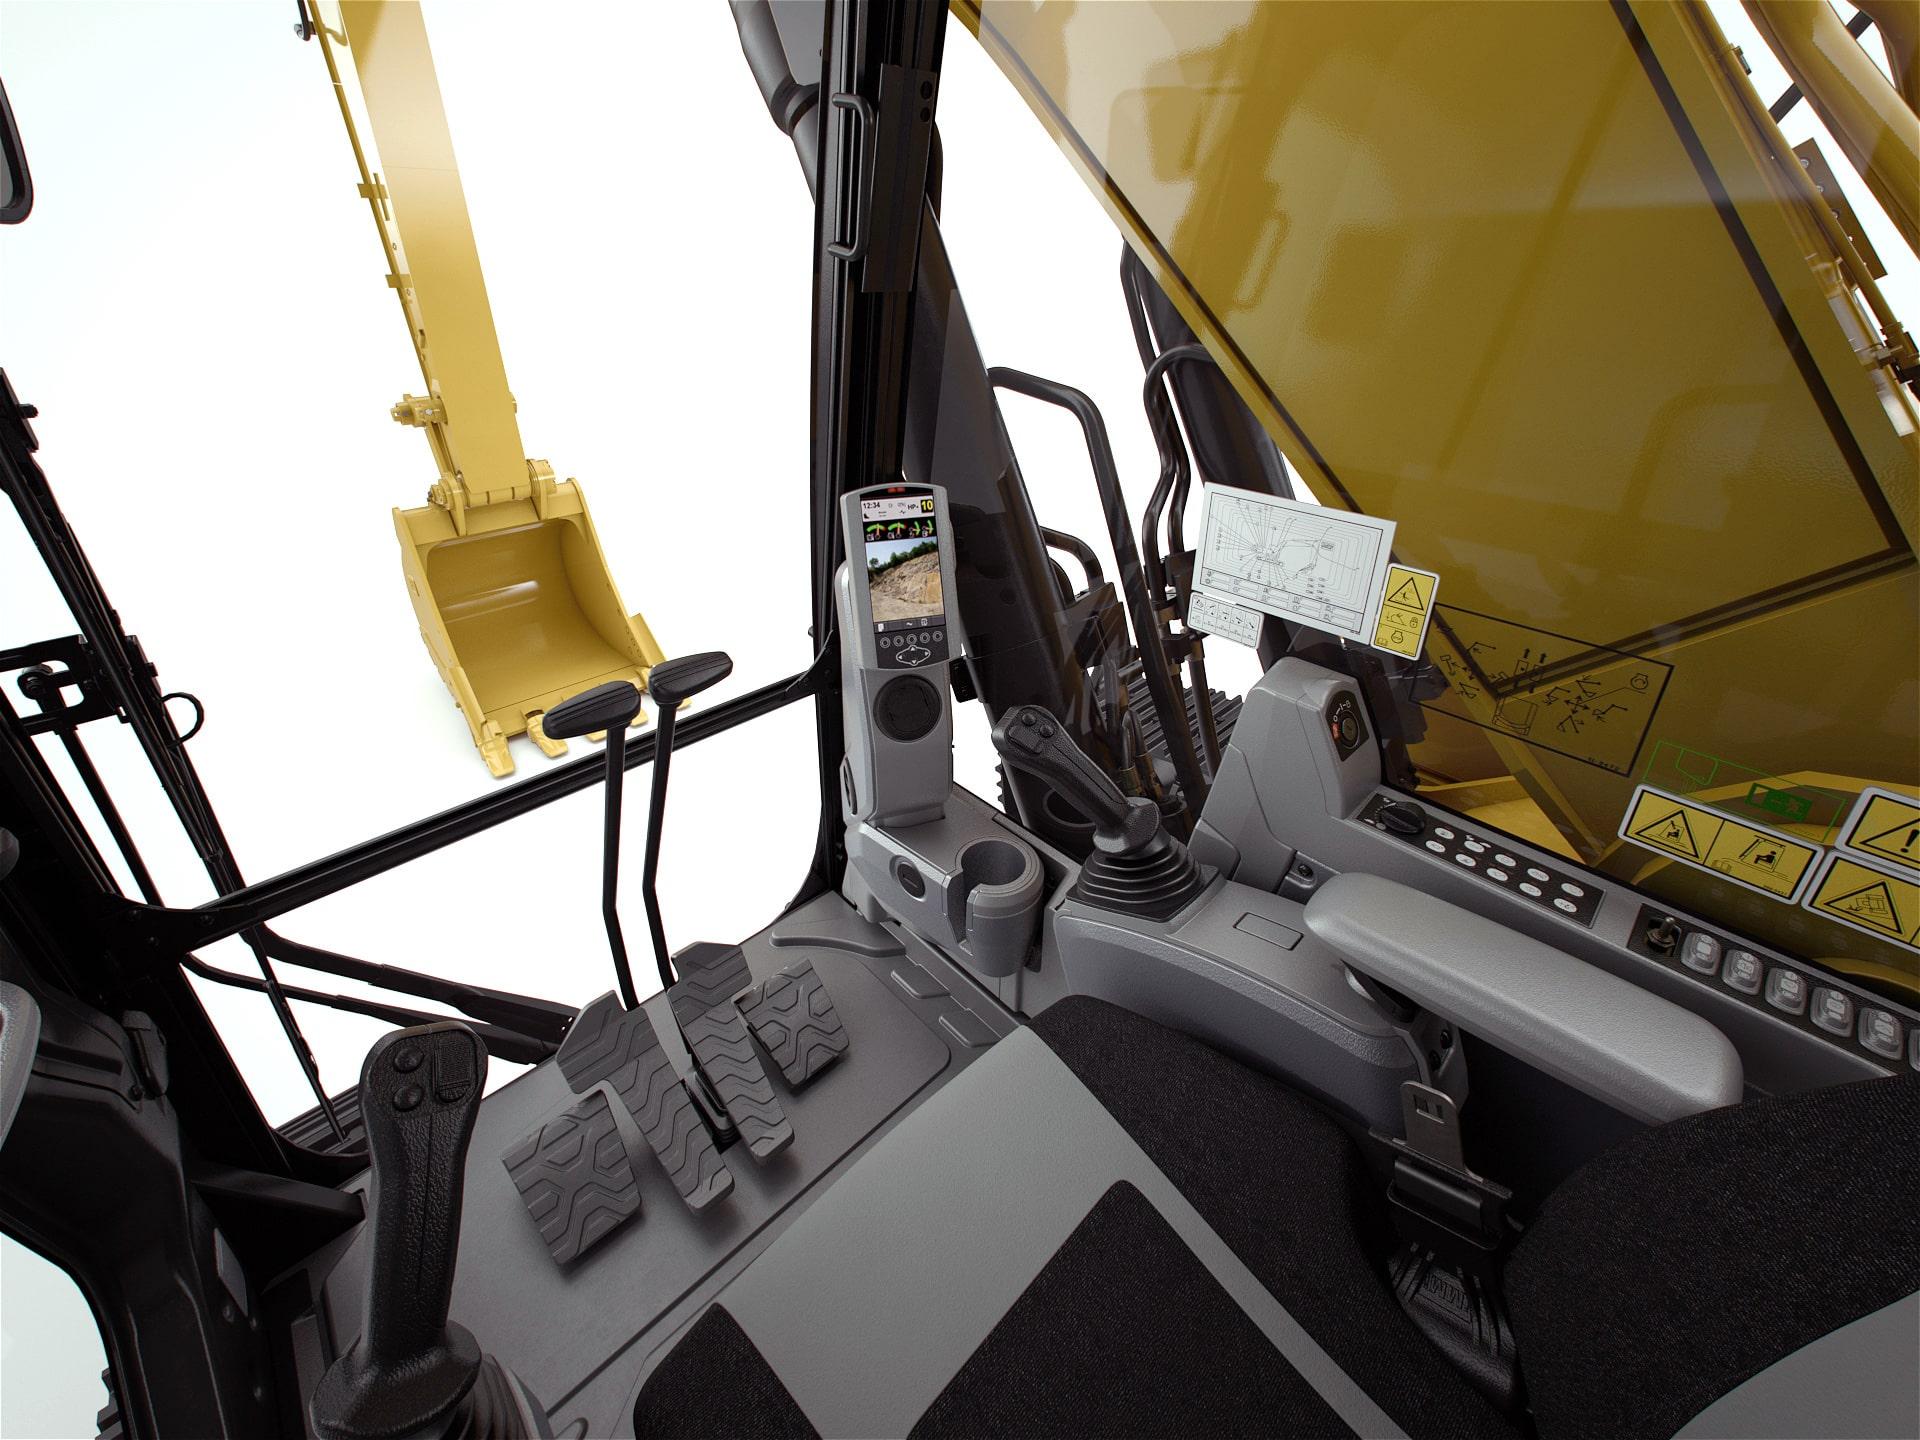 Vệ sinh bề mặt các thiết bị trong cabin máy công trình Cat